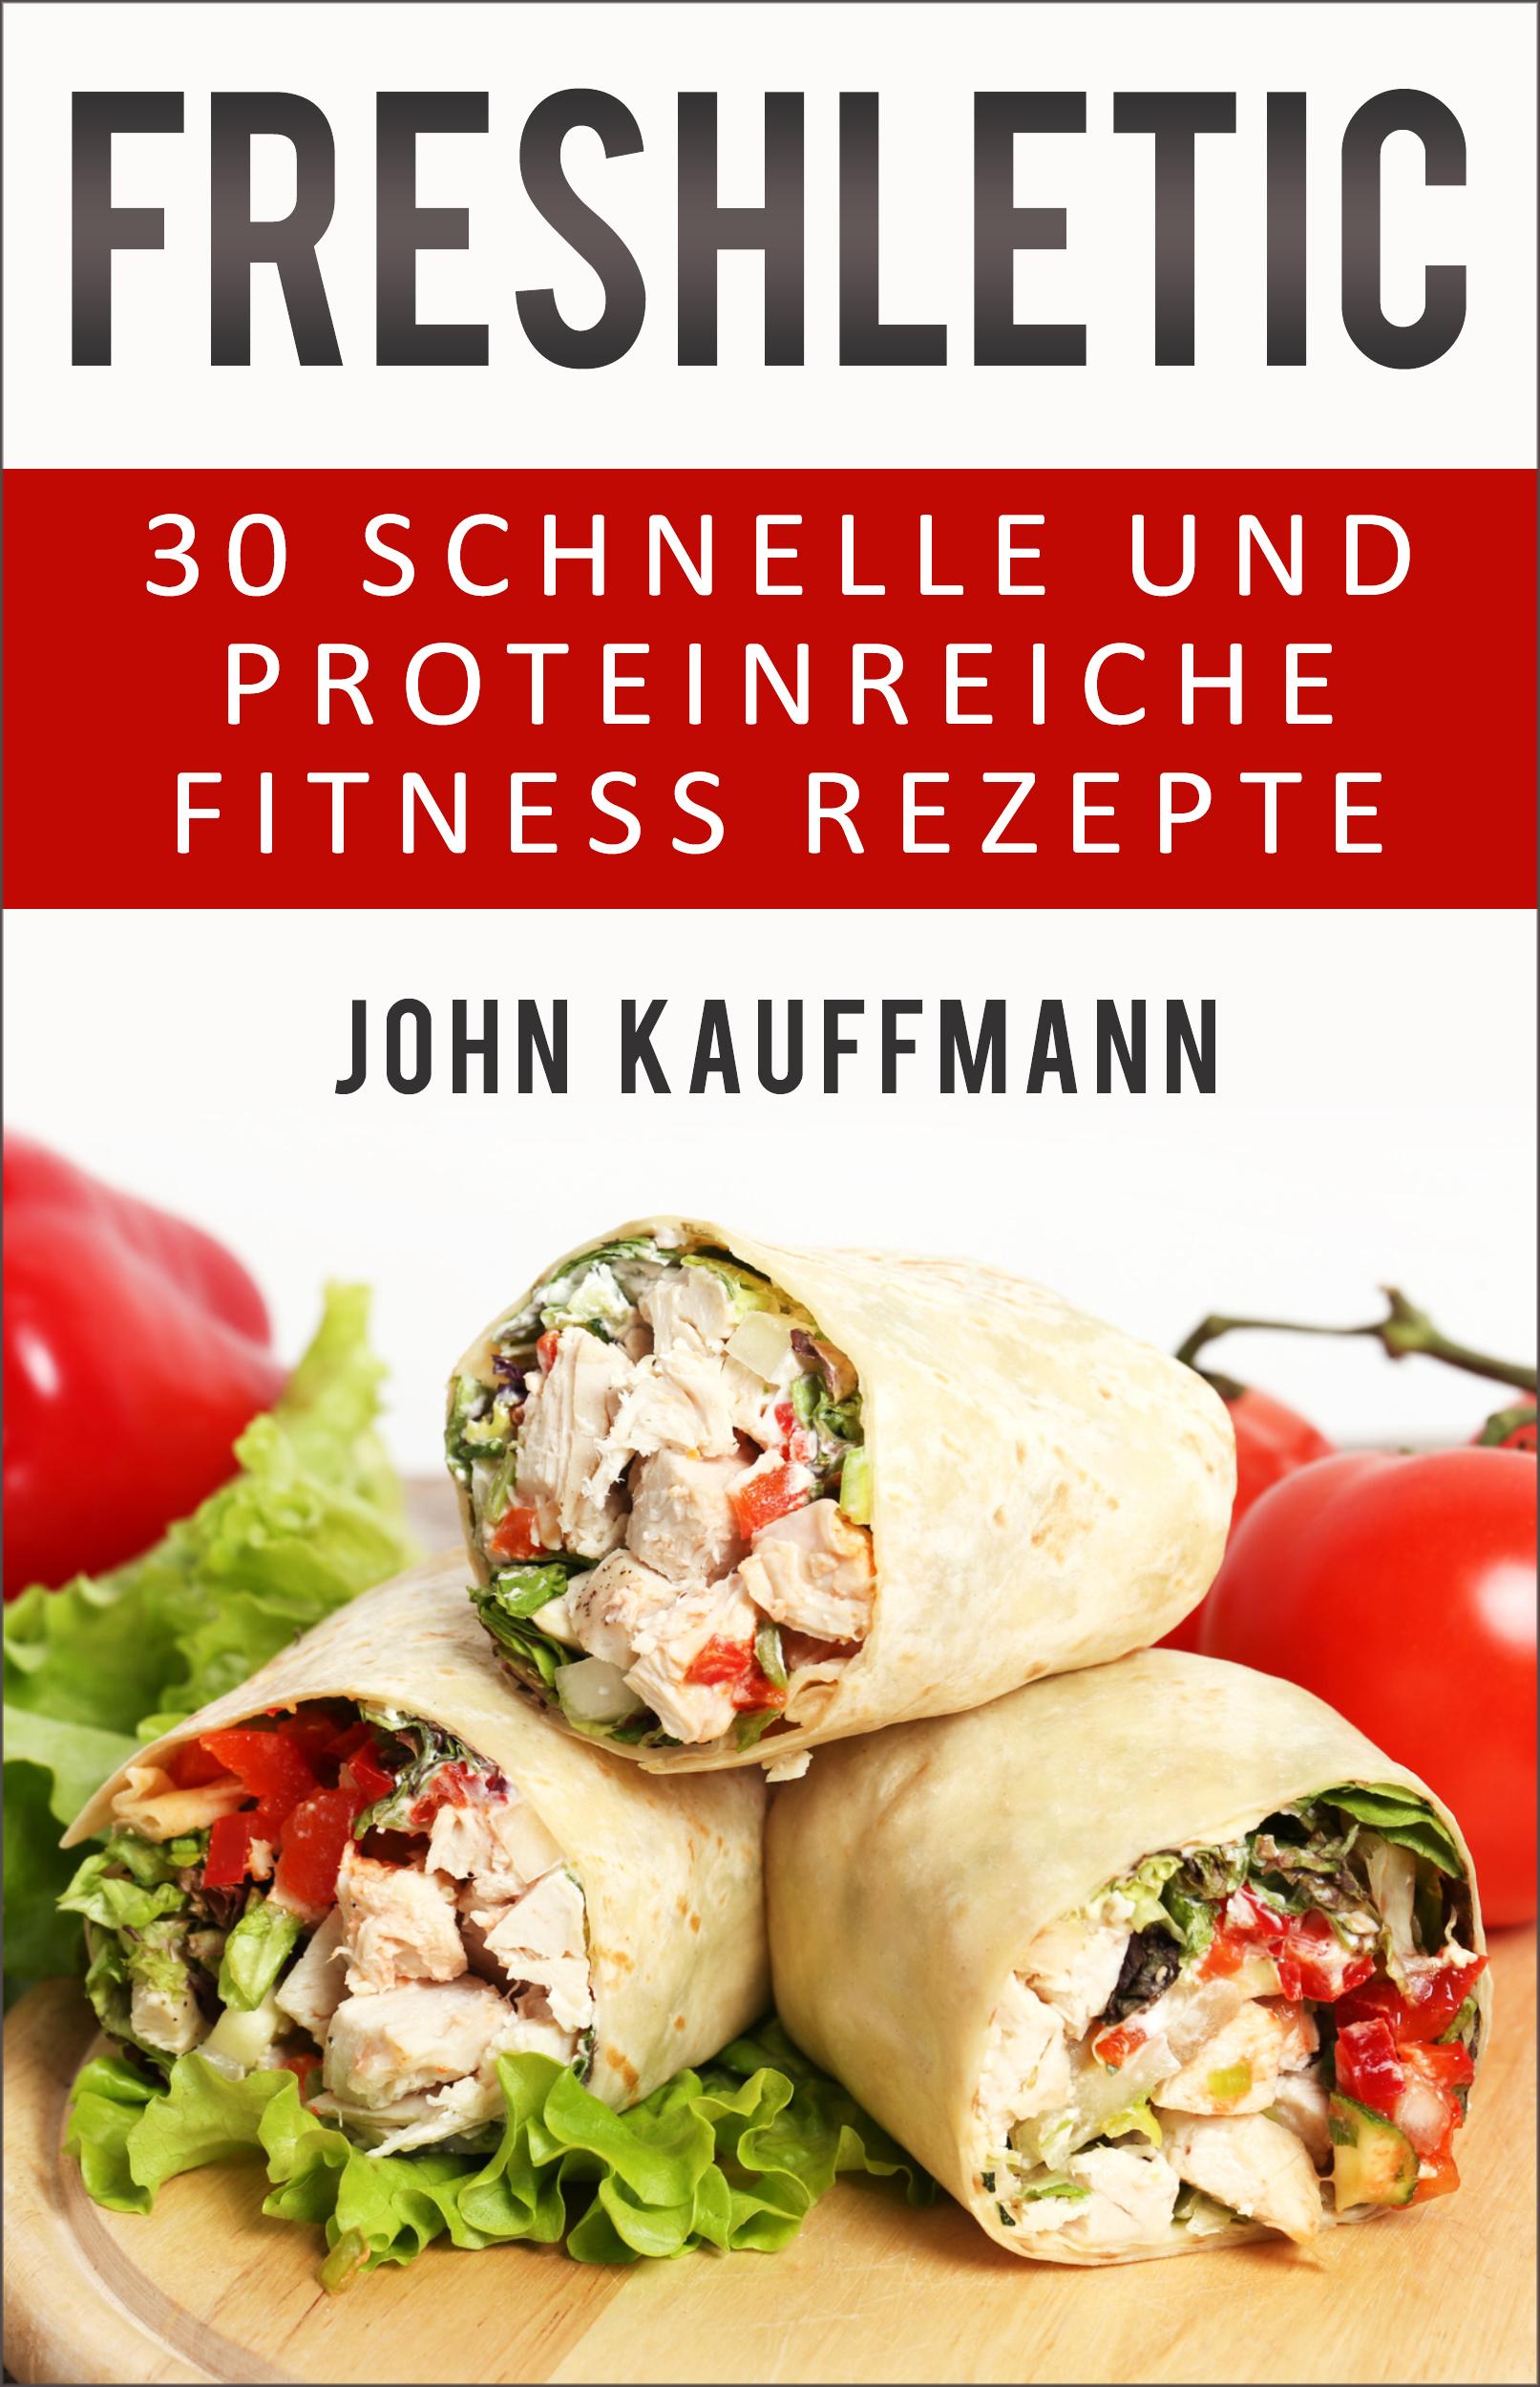 John Kauffmann – FRESHLETIC – 30 schnelle und proteinreiche Fitness-Rezepte!